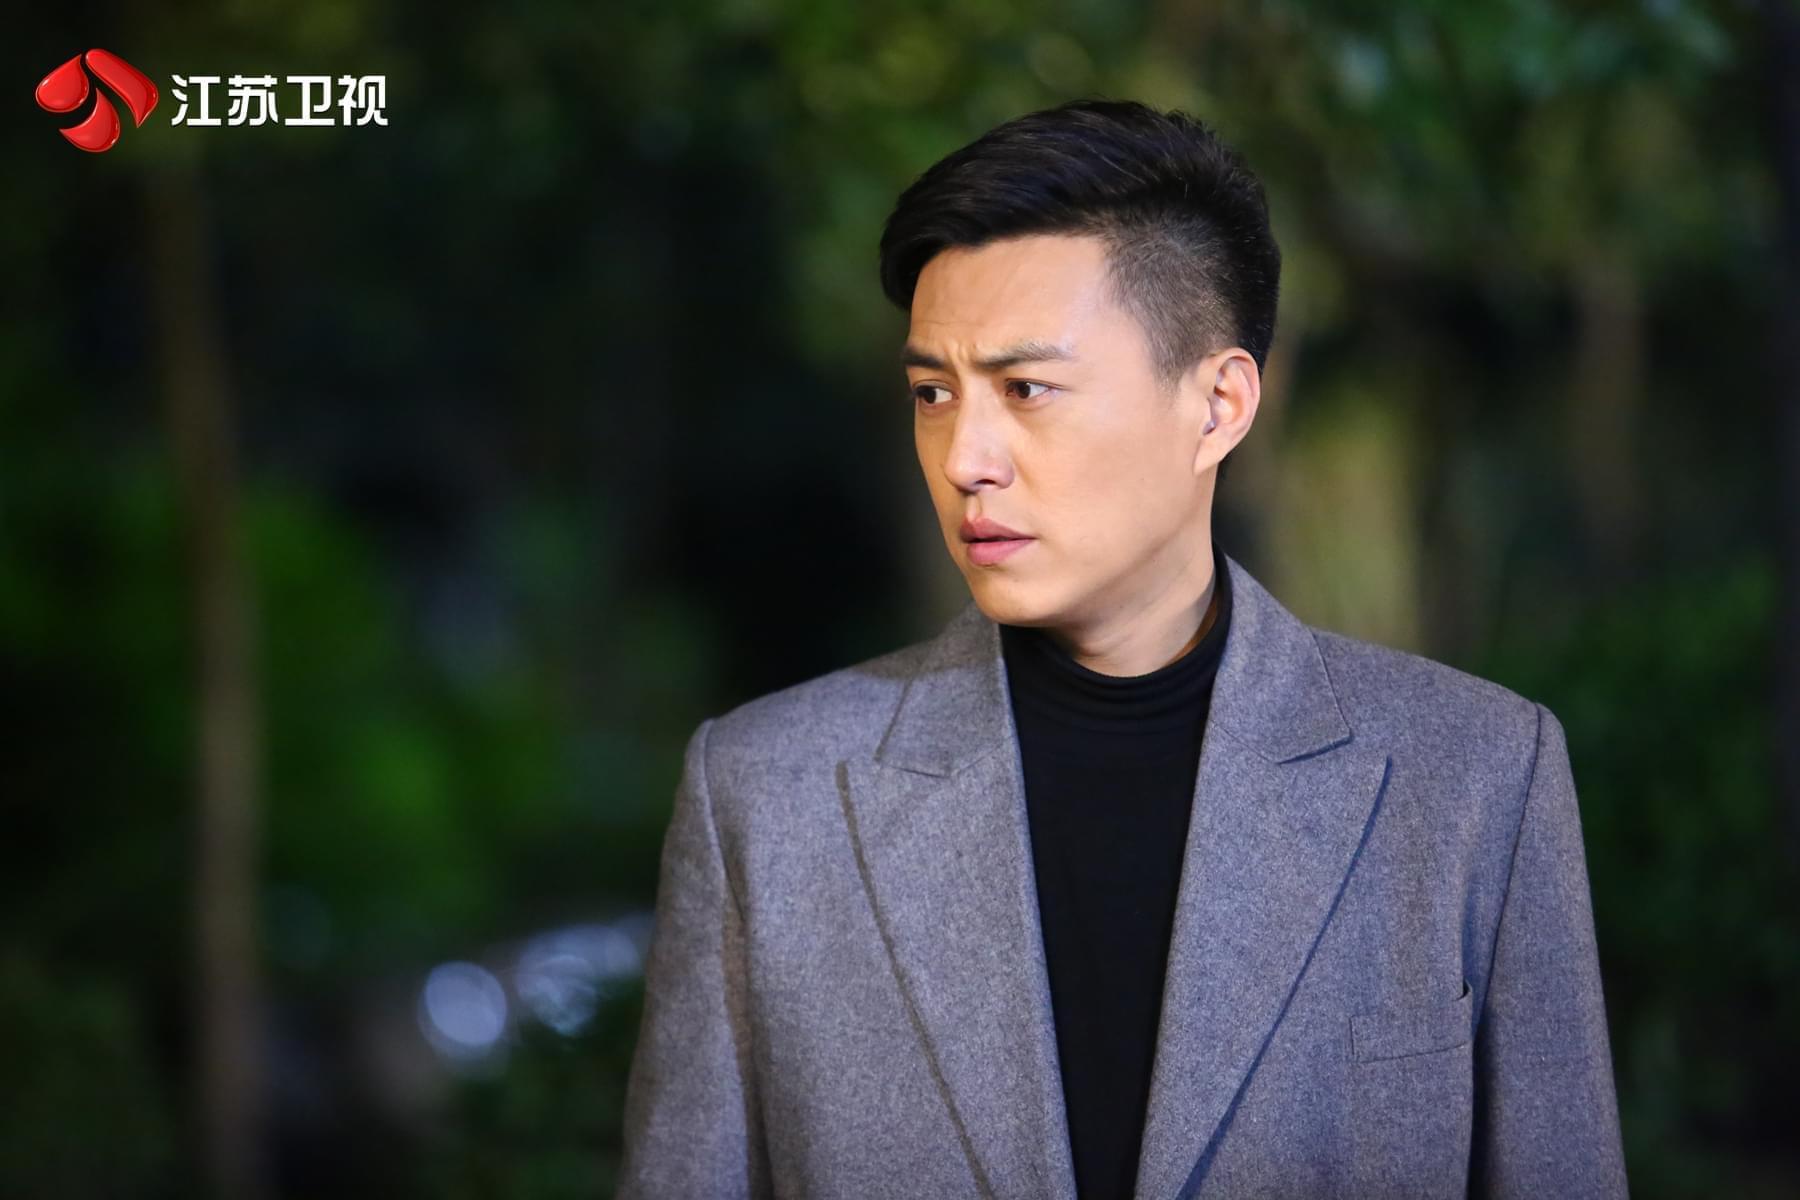 《我们的爱》靳东演渣男引热议 被童蕾扇耳光